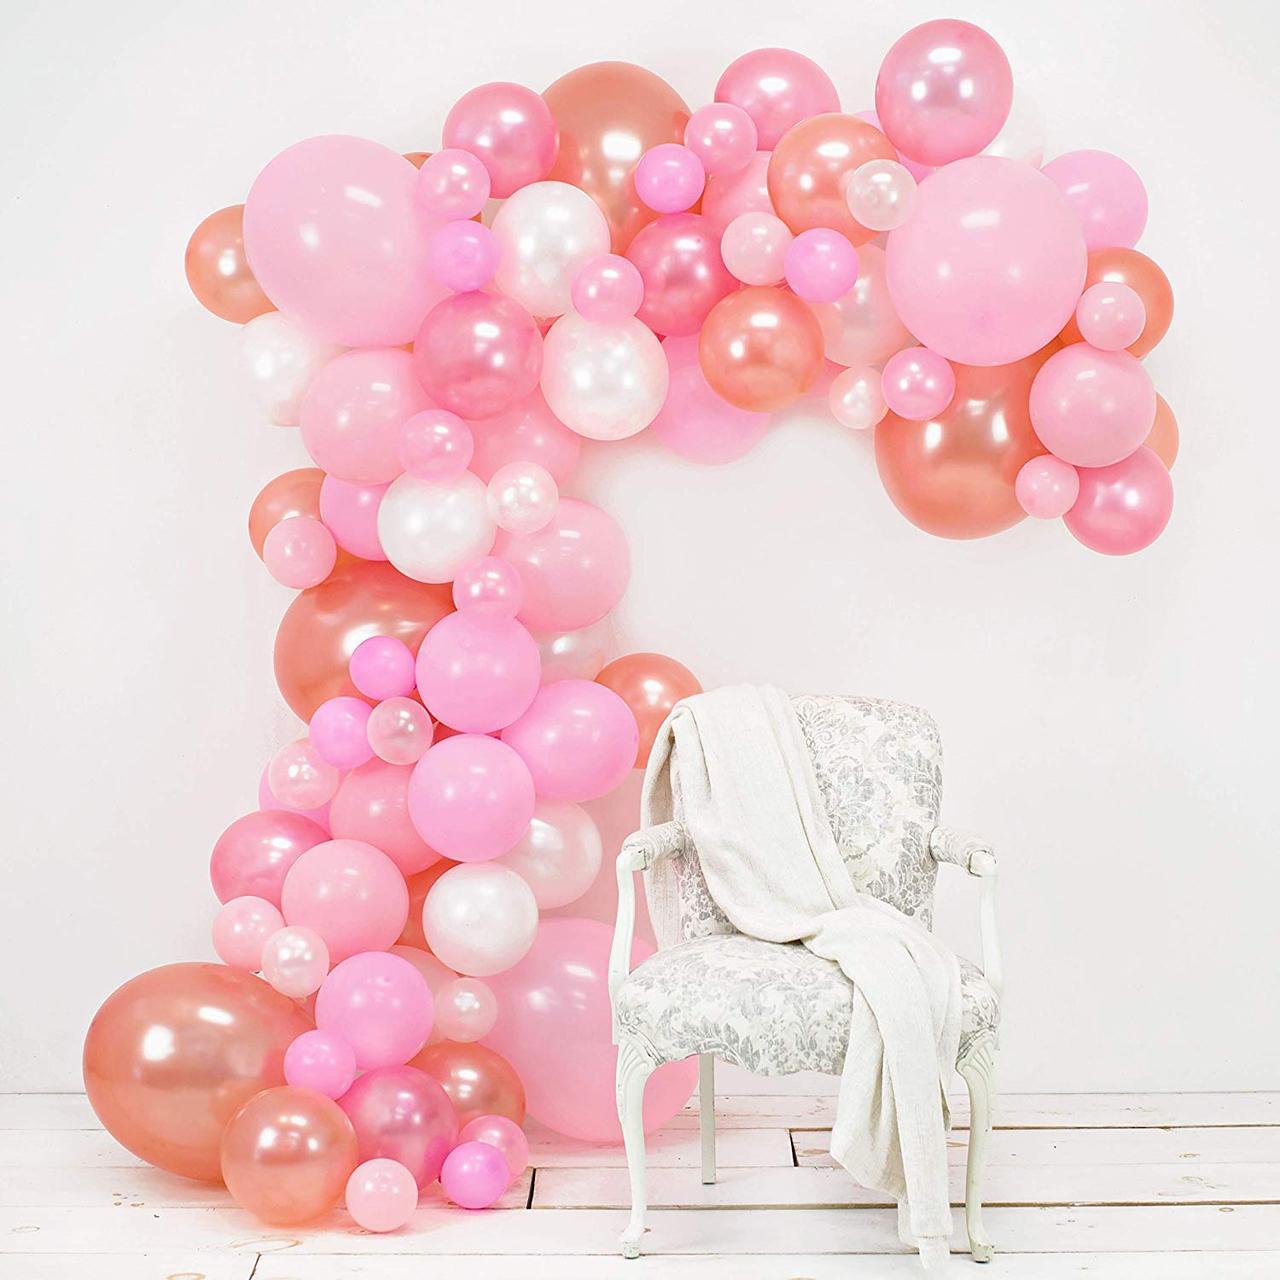 Набор воздушных шаров в виде арки / фотозона для праздников: свадьба, день рождение, вечеринка, юбилей